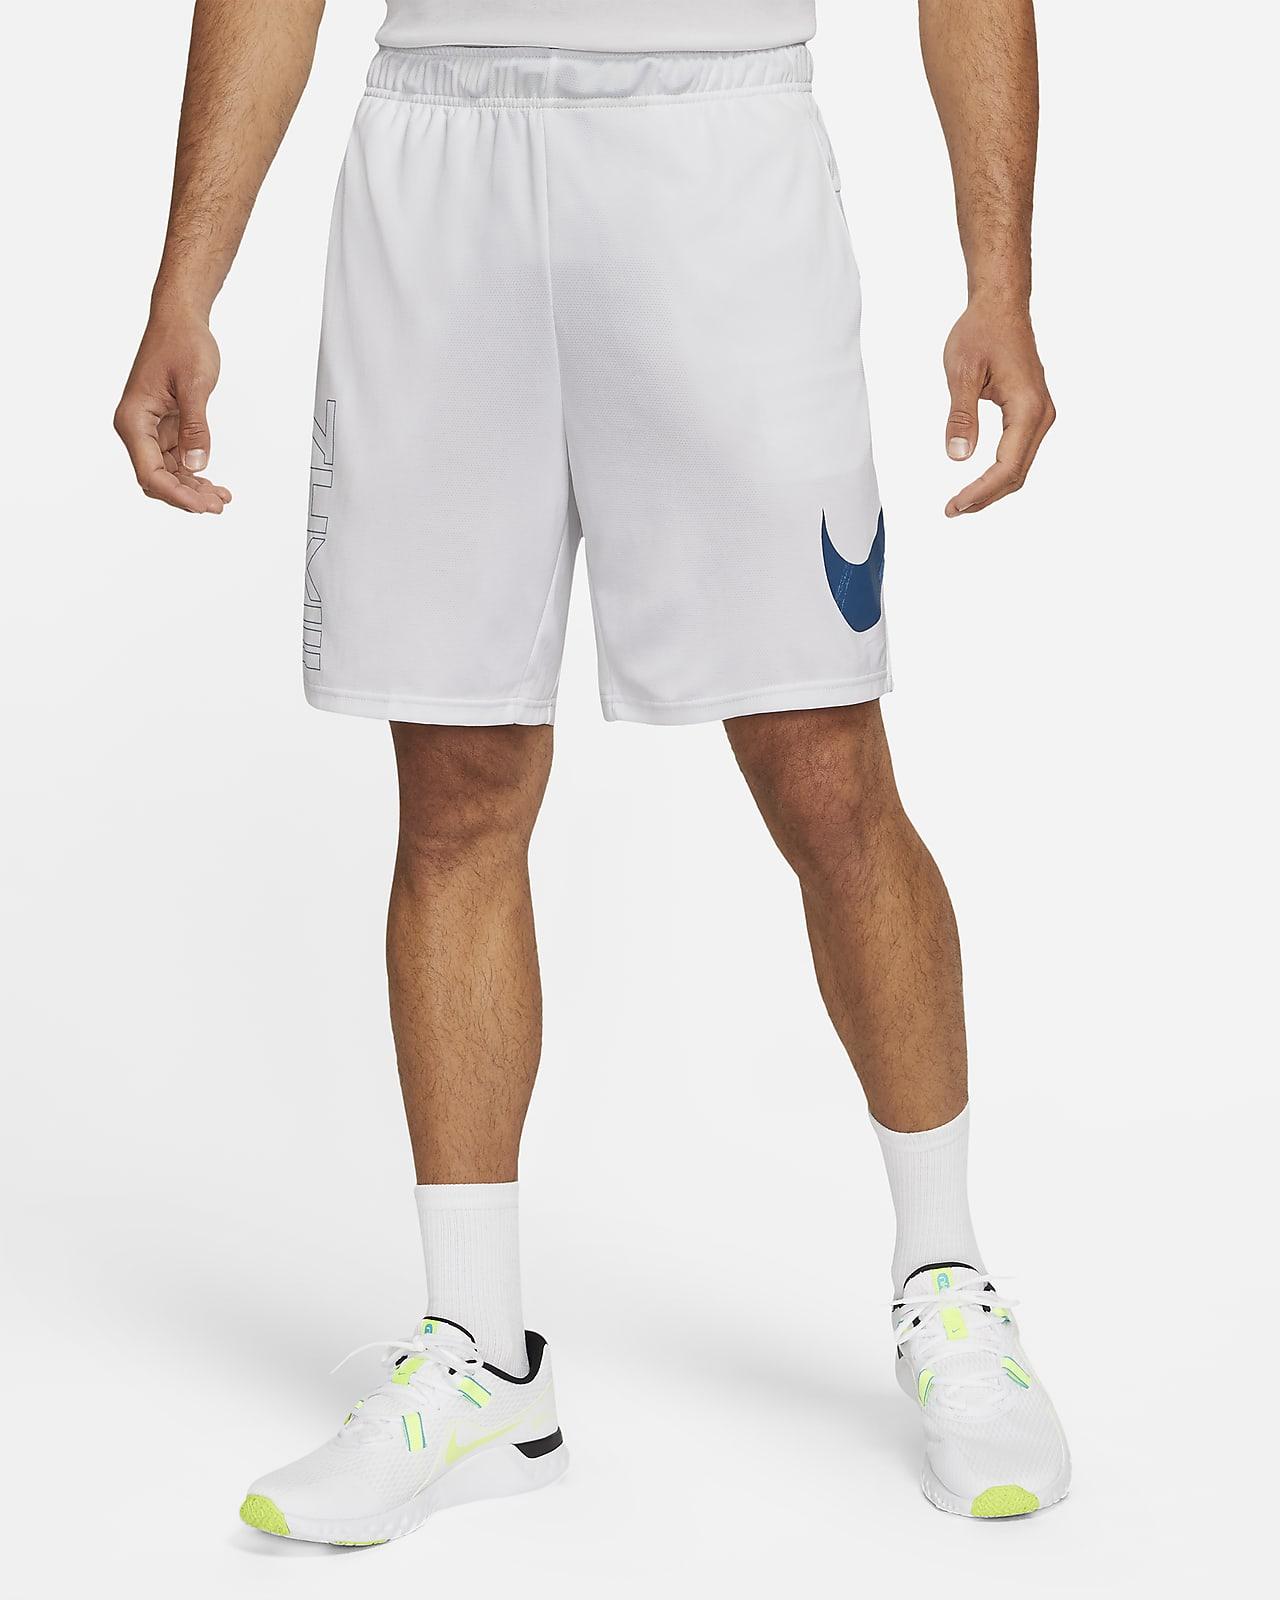 Nike Dri-FIT Sport Clash Men's Knit Training Shorts